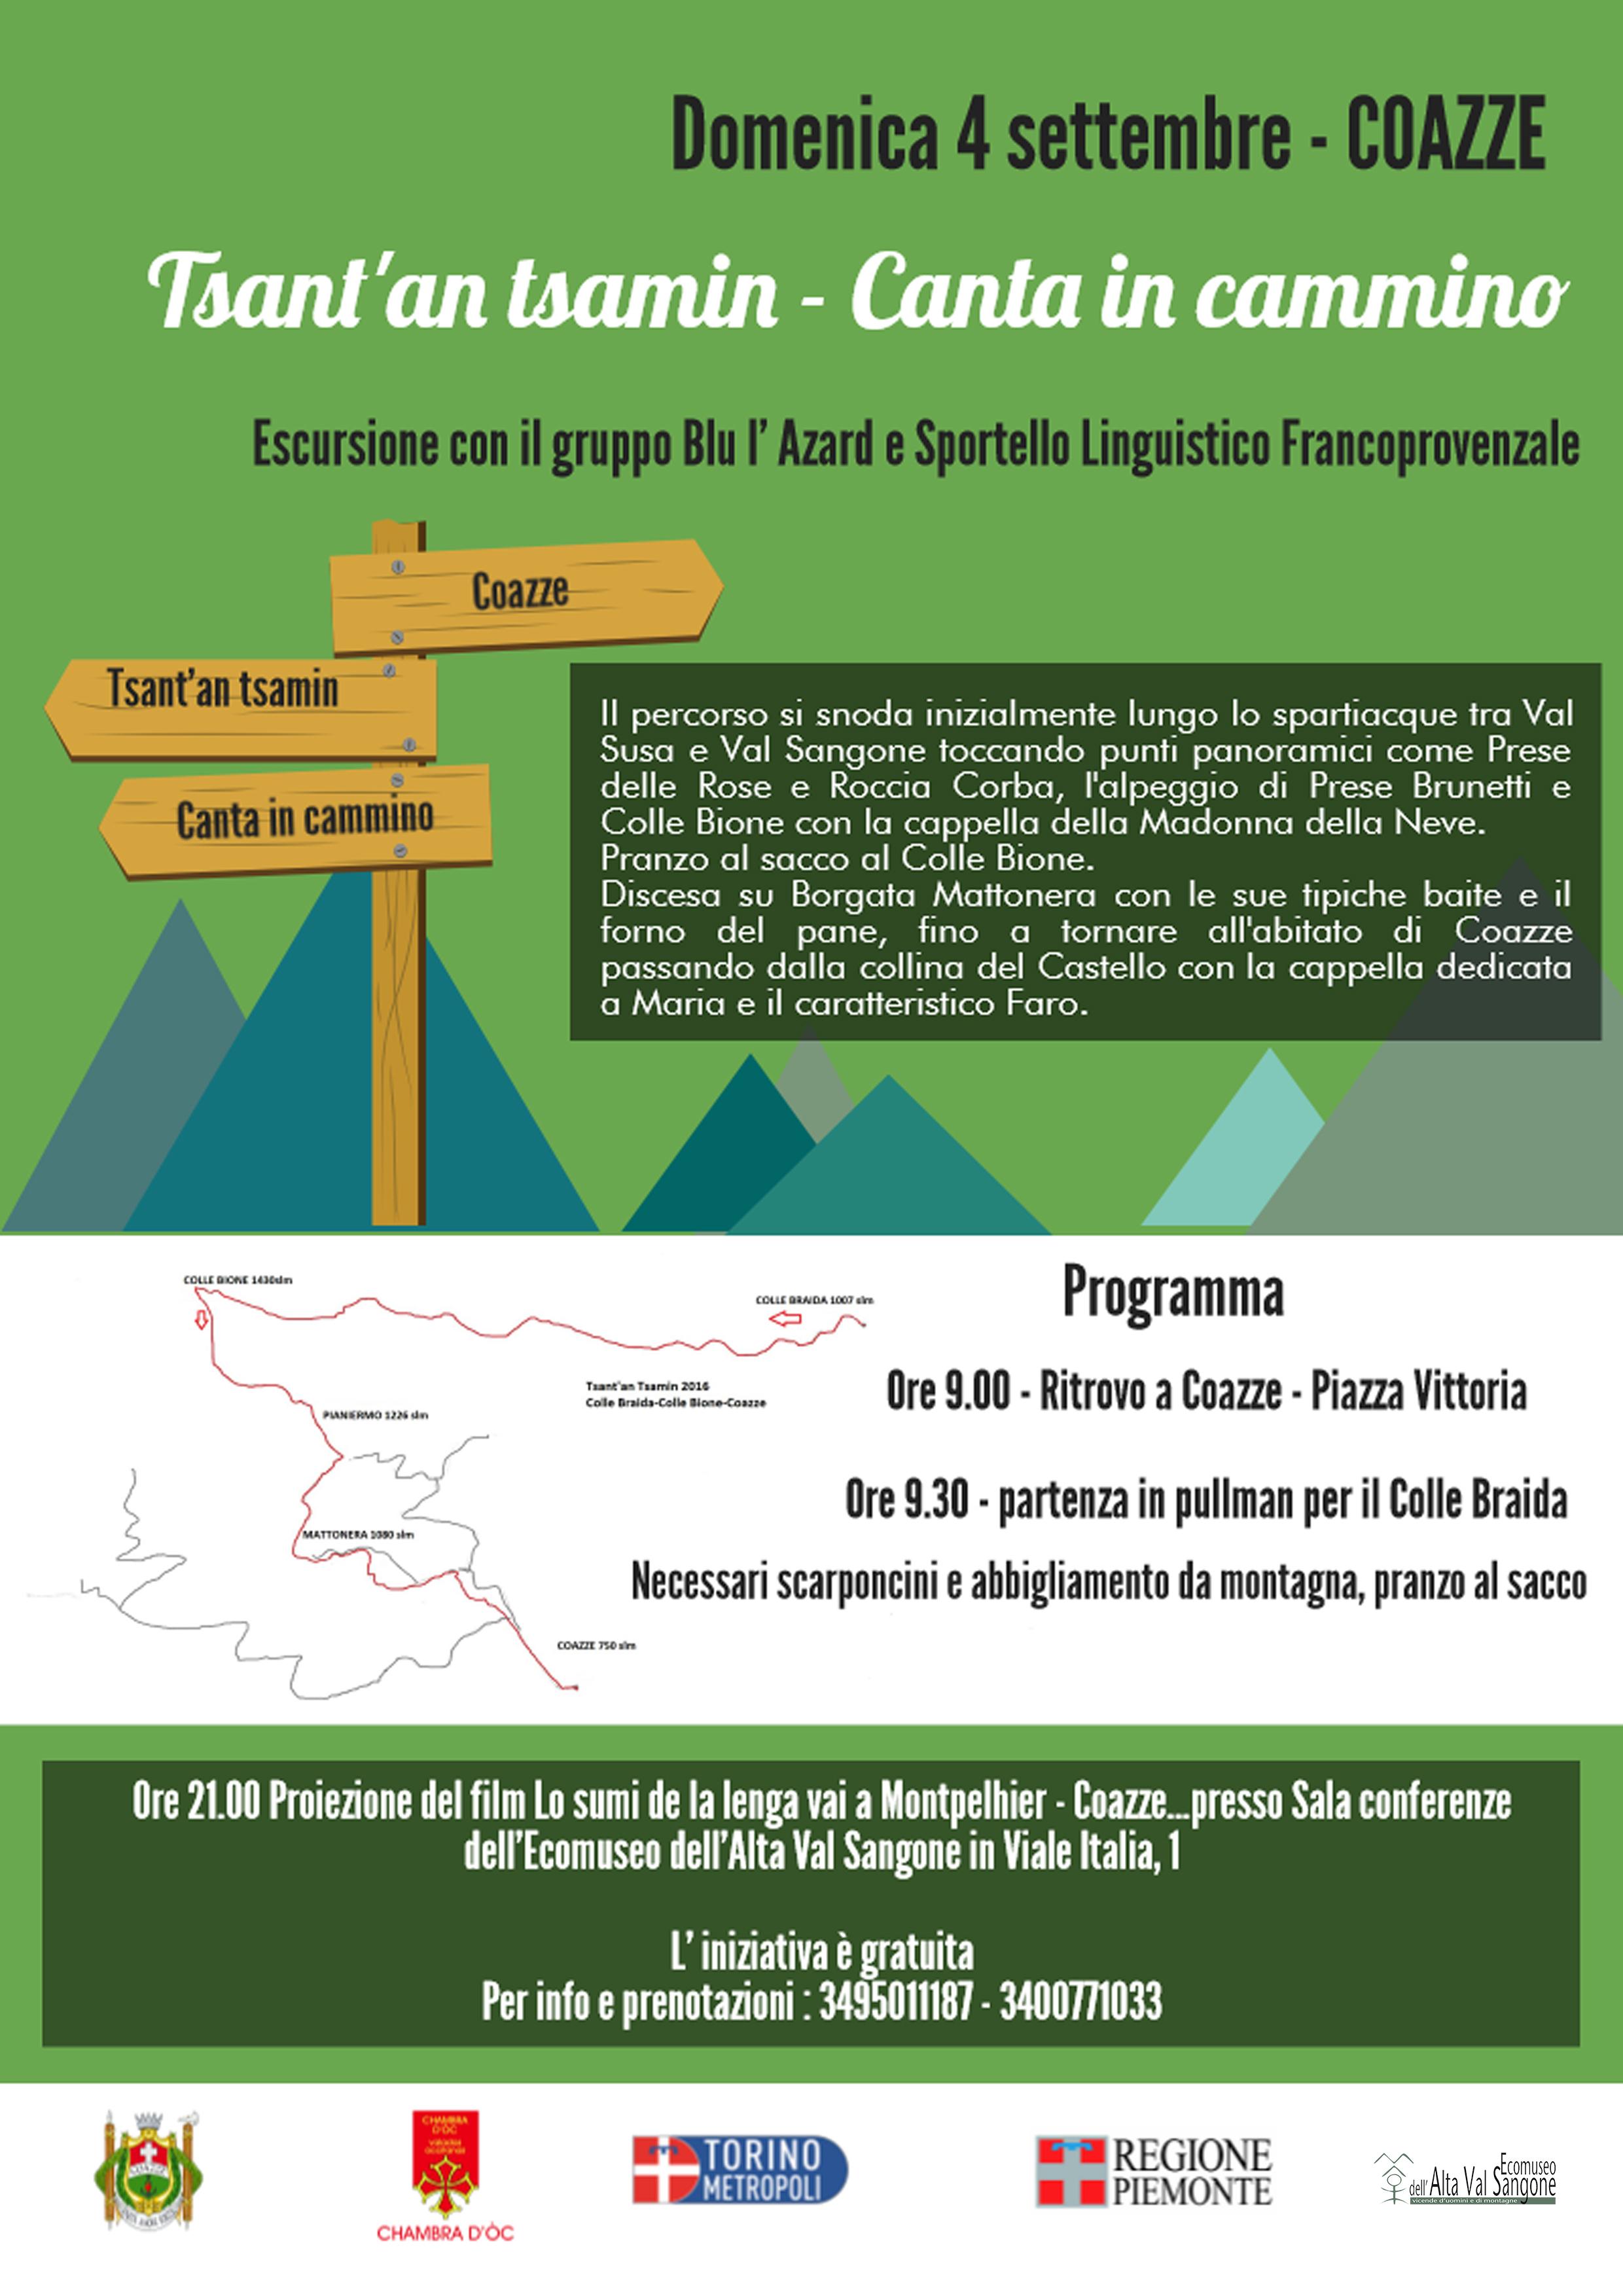 Domenica 4 settembre – Coazze – tsant' an tsamin – canta in cammino escursione con il gruppo Blu l'Azard e lo Sportello Linguistico Francoprovenzale